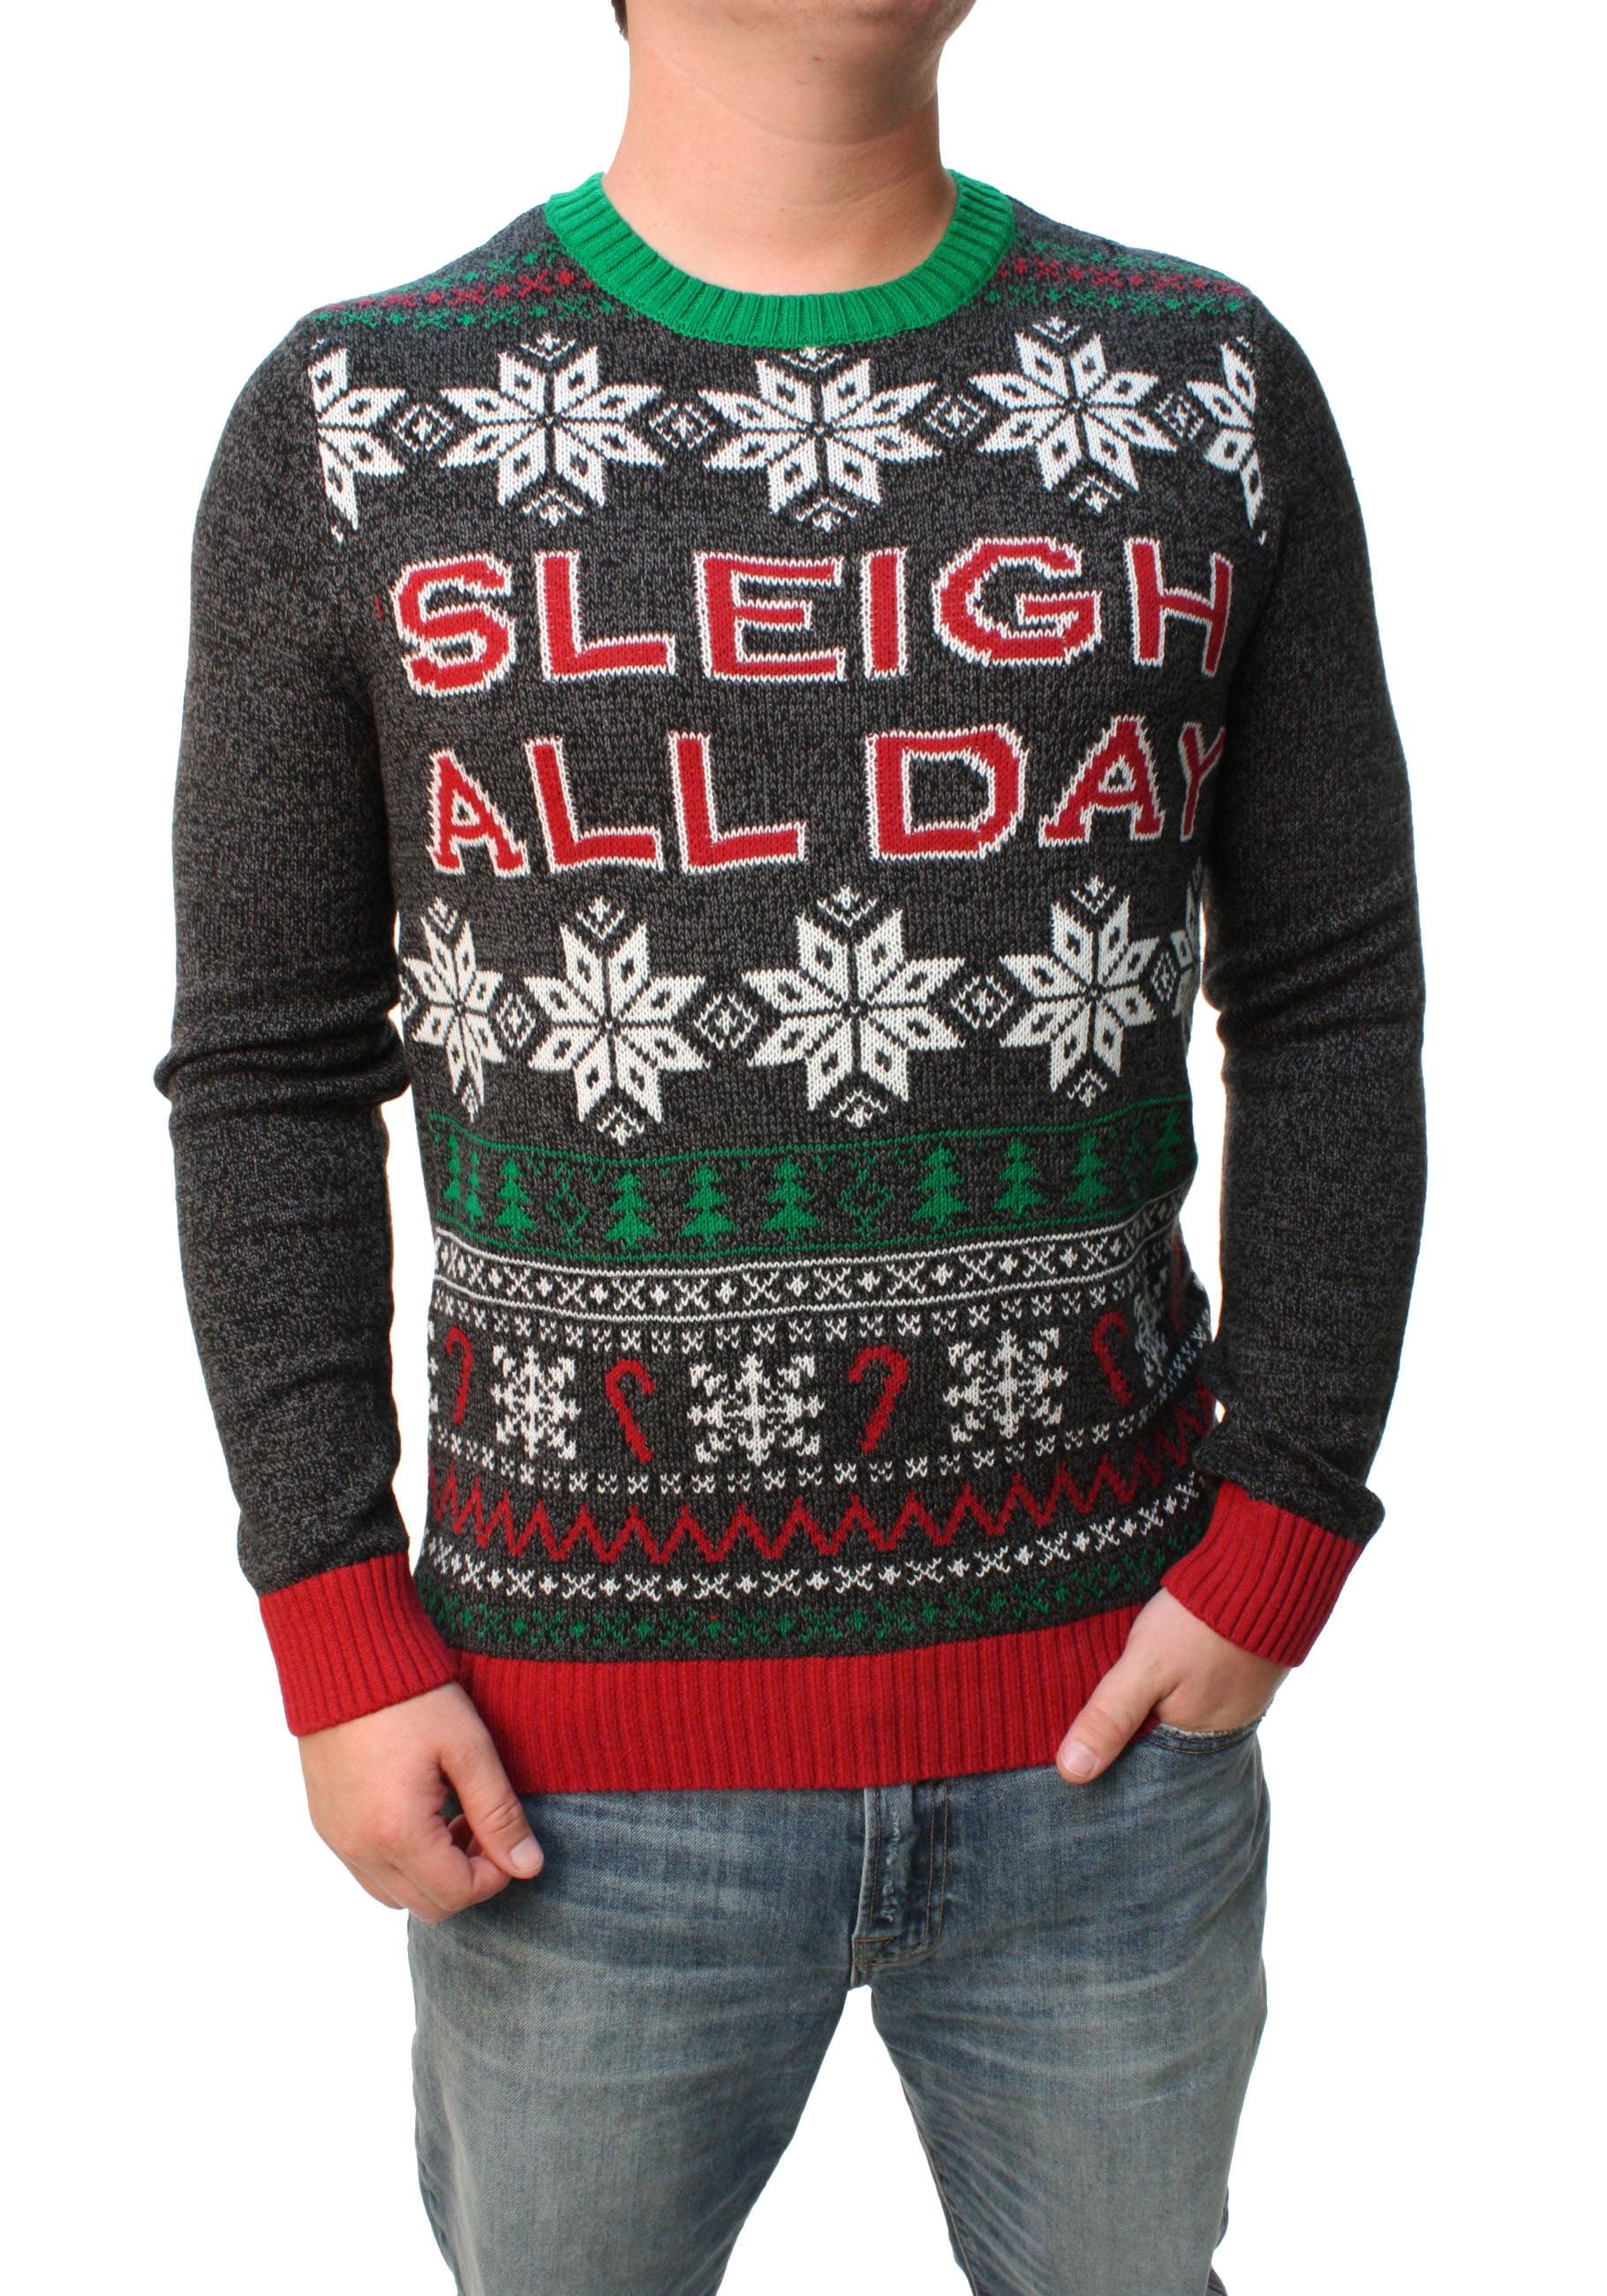 Sleep or Sleigh All Day UGLY Christmas sweater